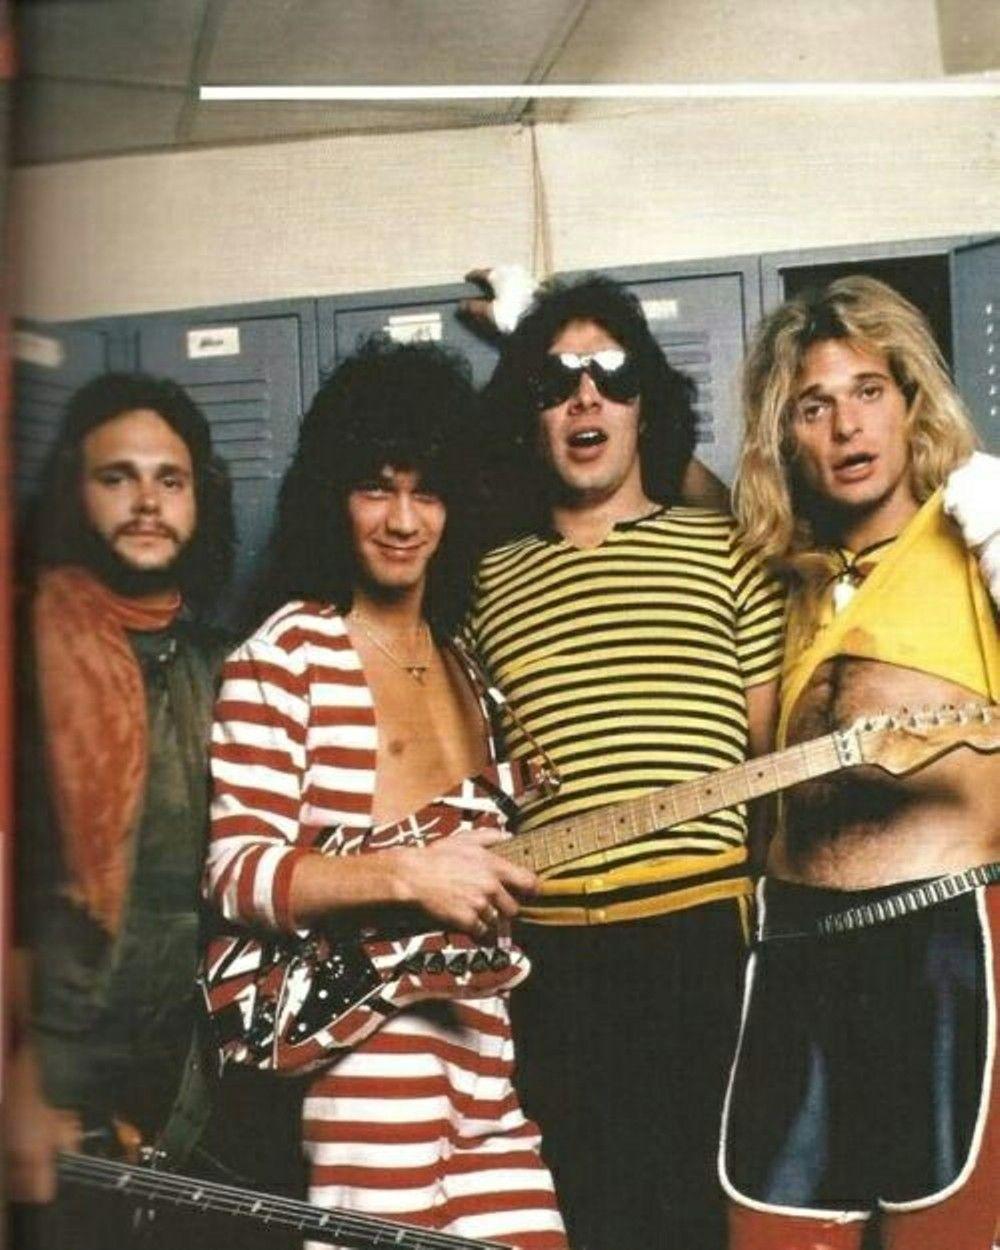 Backstage Van Halen Eddie Van Halen Alex Van Halen